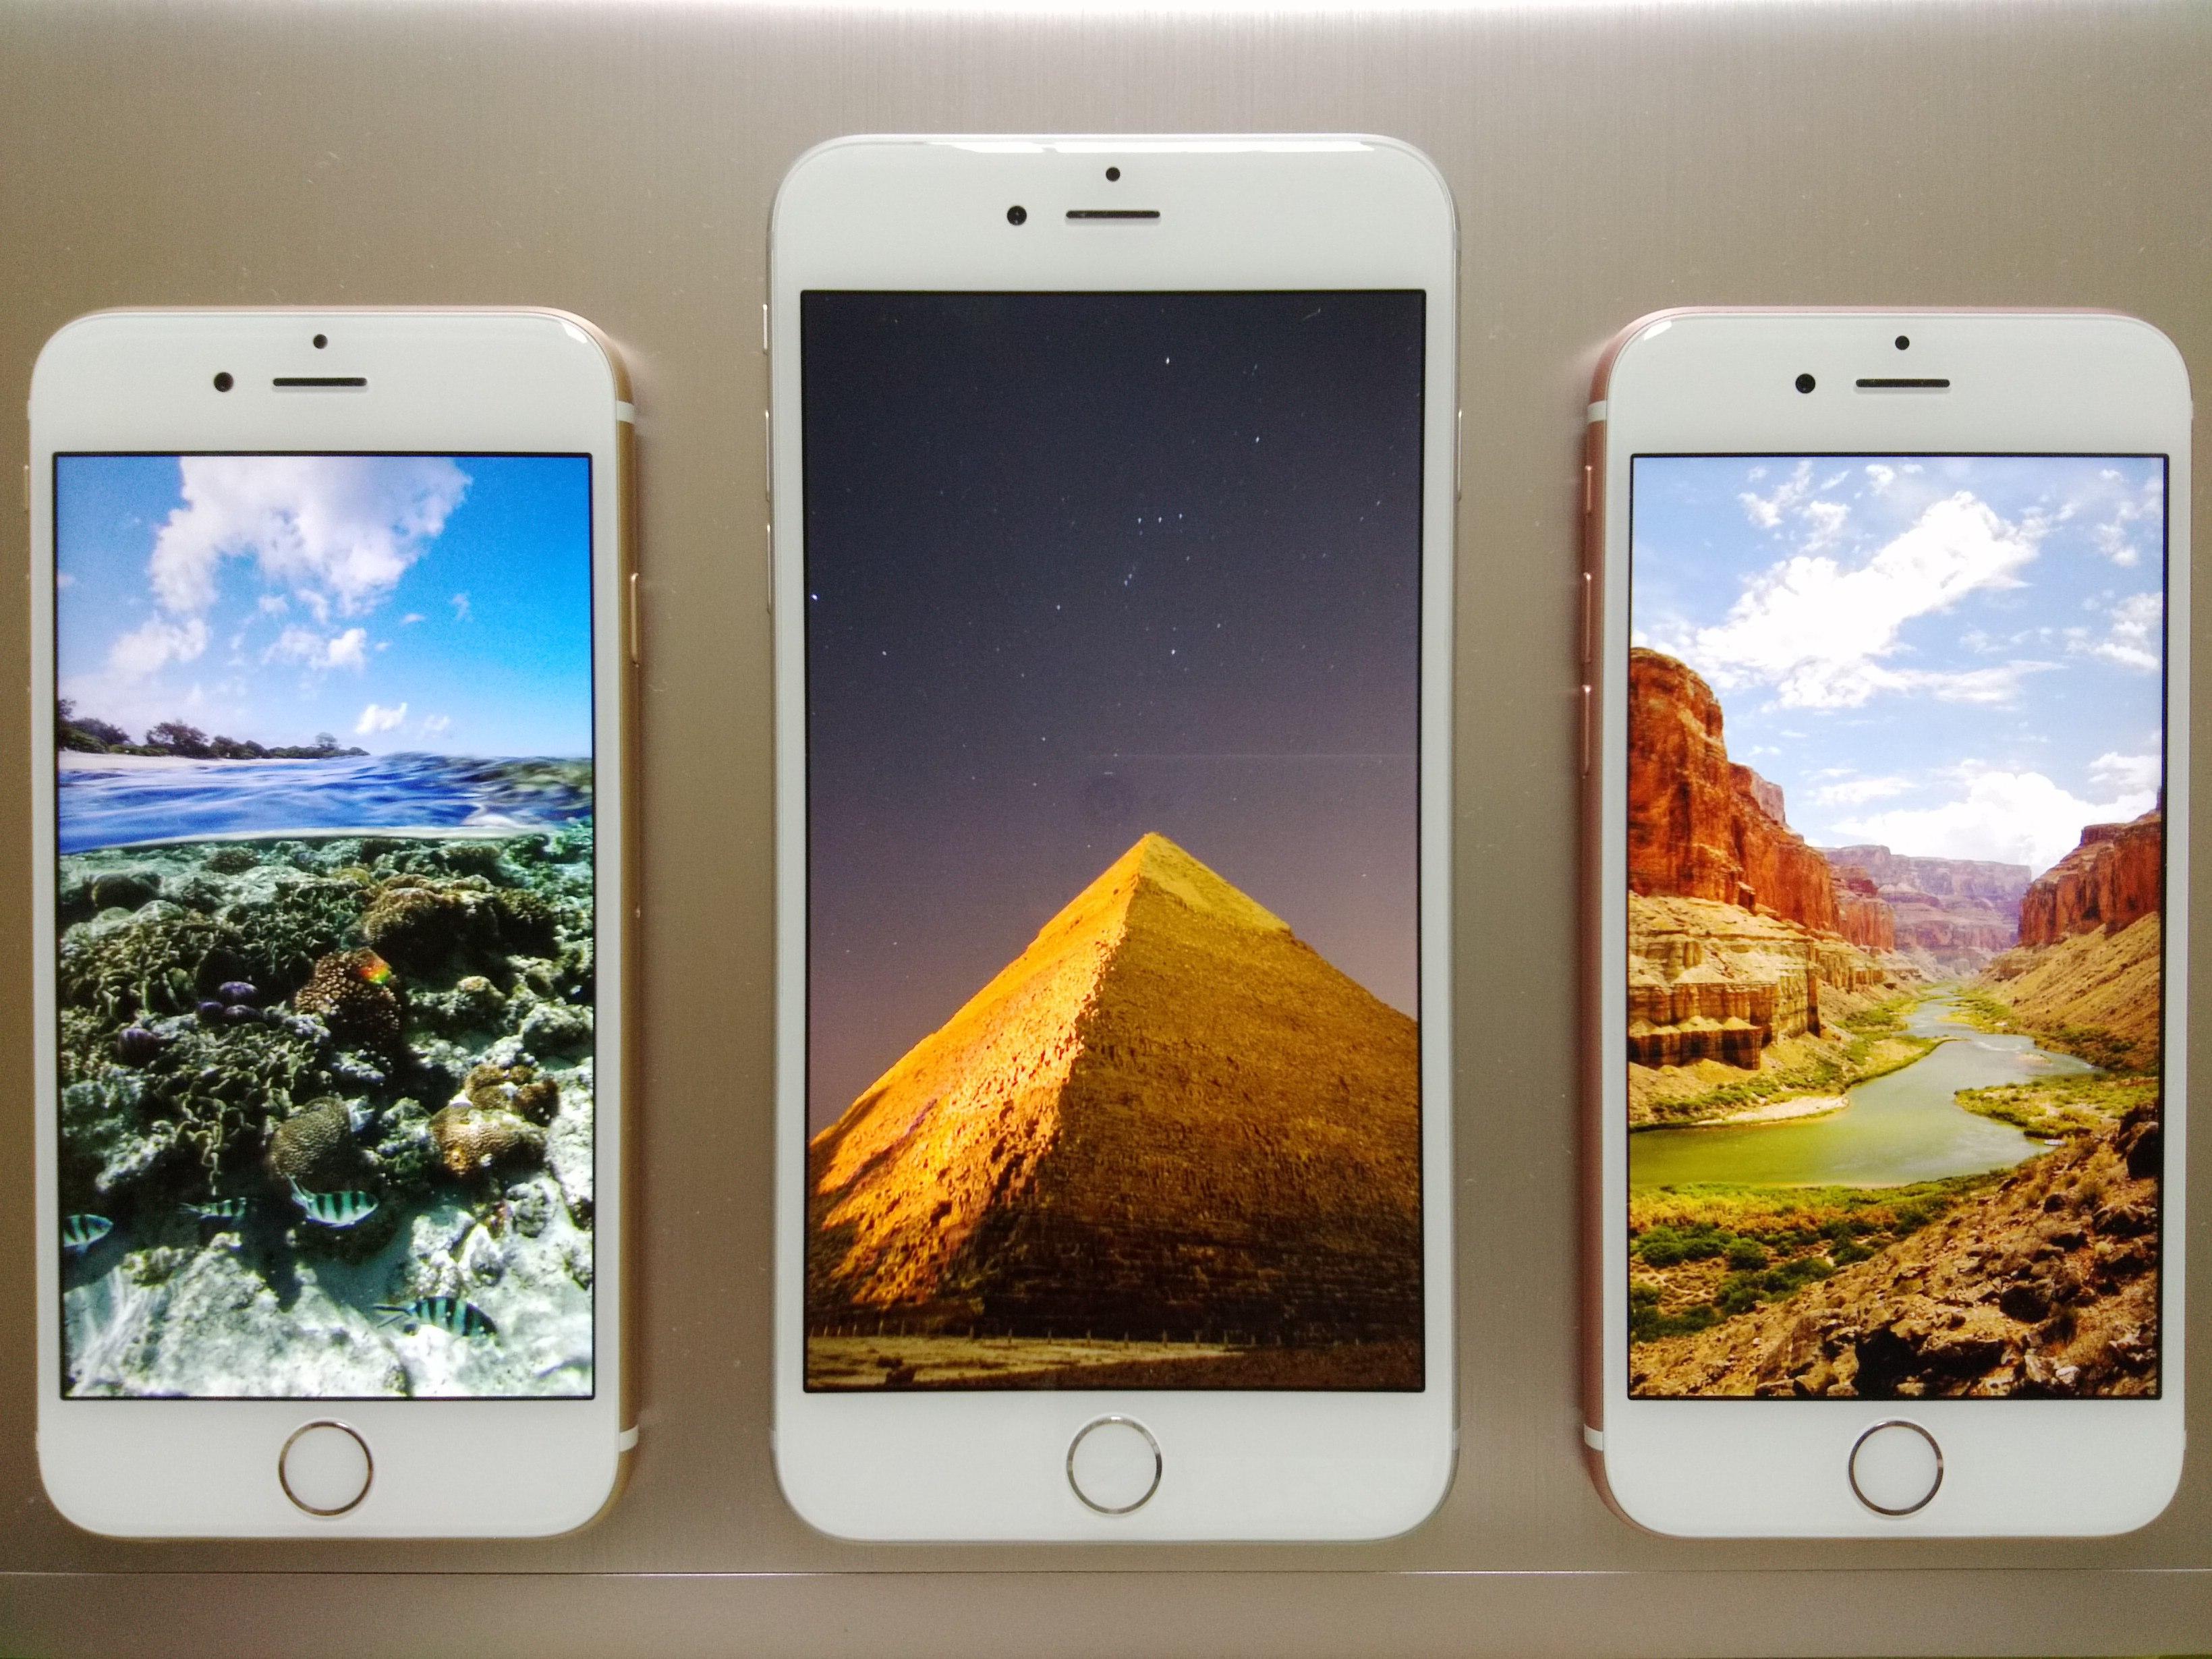 251d769cb85 IPhone - La información completa y la venta en línea con envío gratis.  Ordene y compre ahora por el precio más bajo en la mejor tienda en línea!